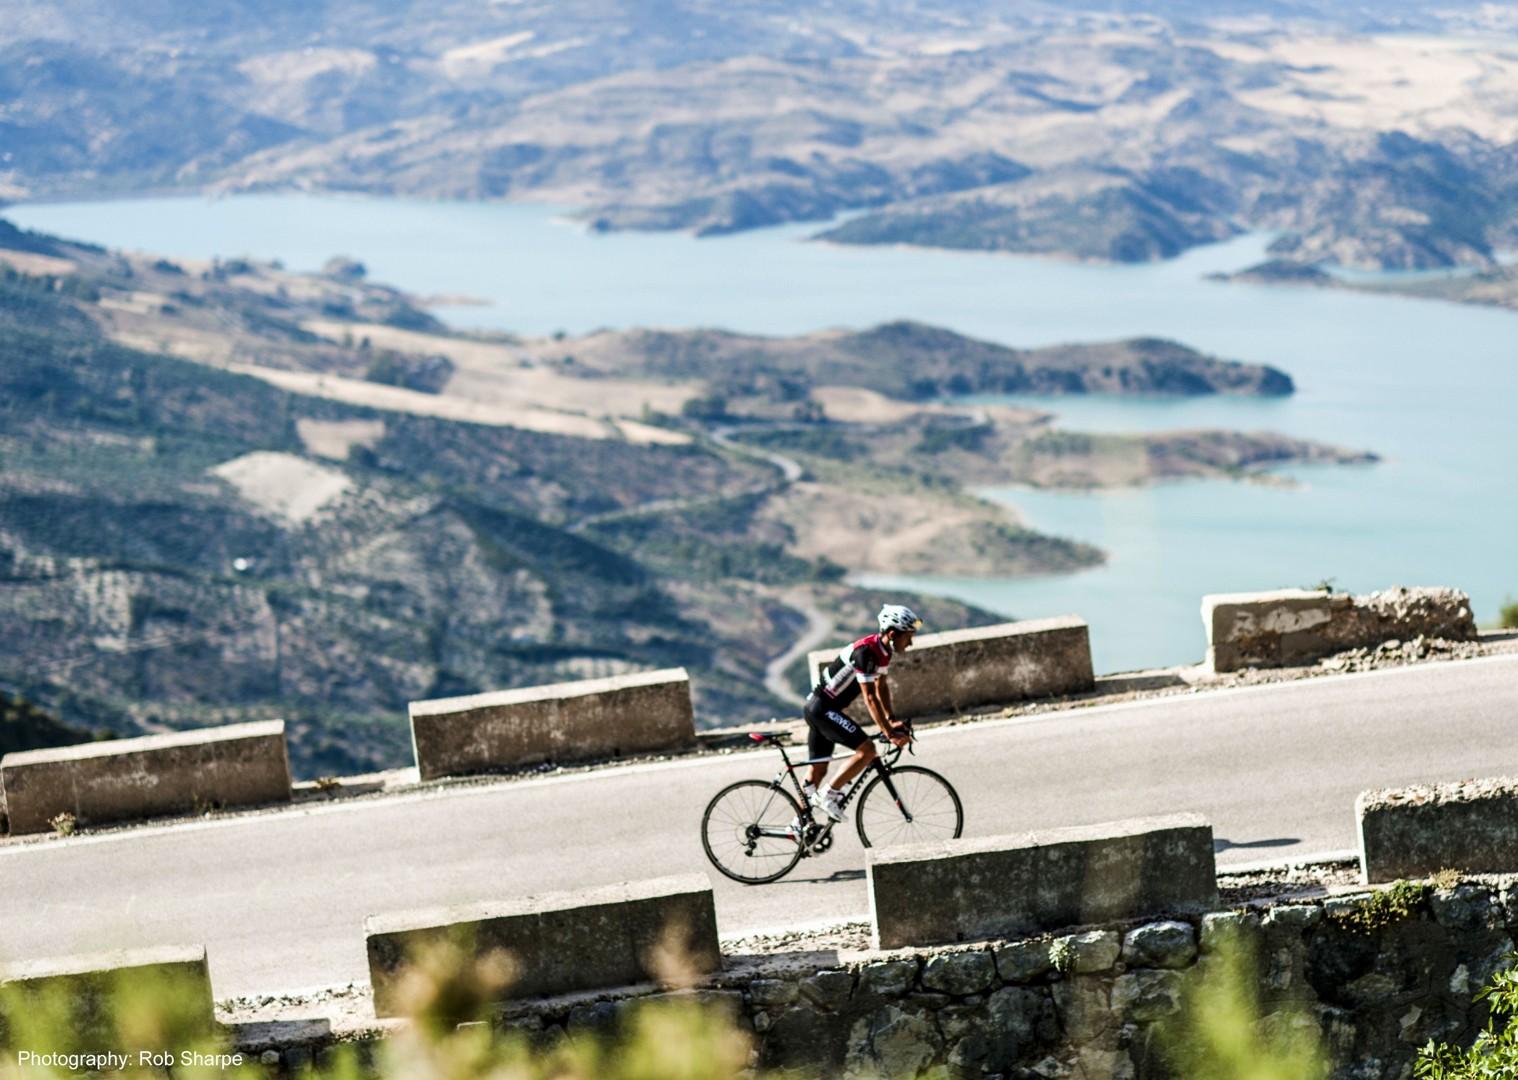 pueblosblancos6.jpg - Southern Spain - Andalucia - Los Pueblos Blancos - Road Cycling